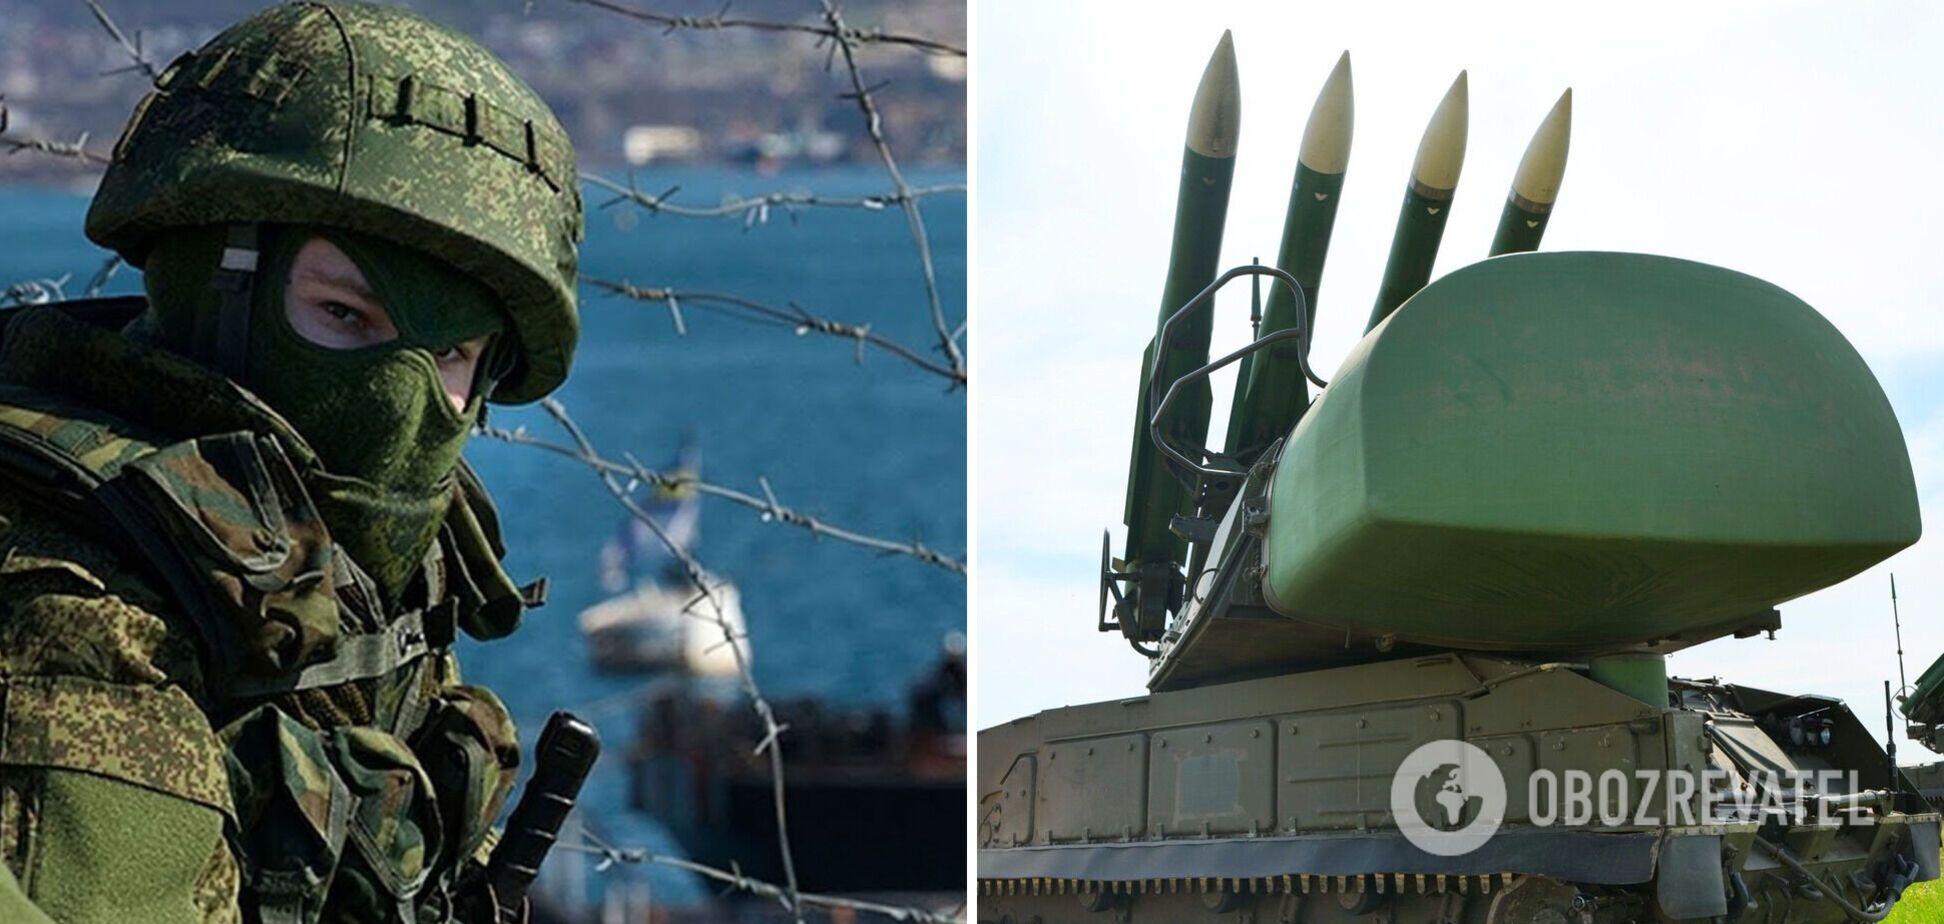 ВСУ провели учения и продемонстрировали готовность отразить нападение врага из оккупированного Крыма. Фото и видео